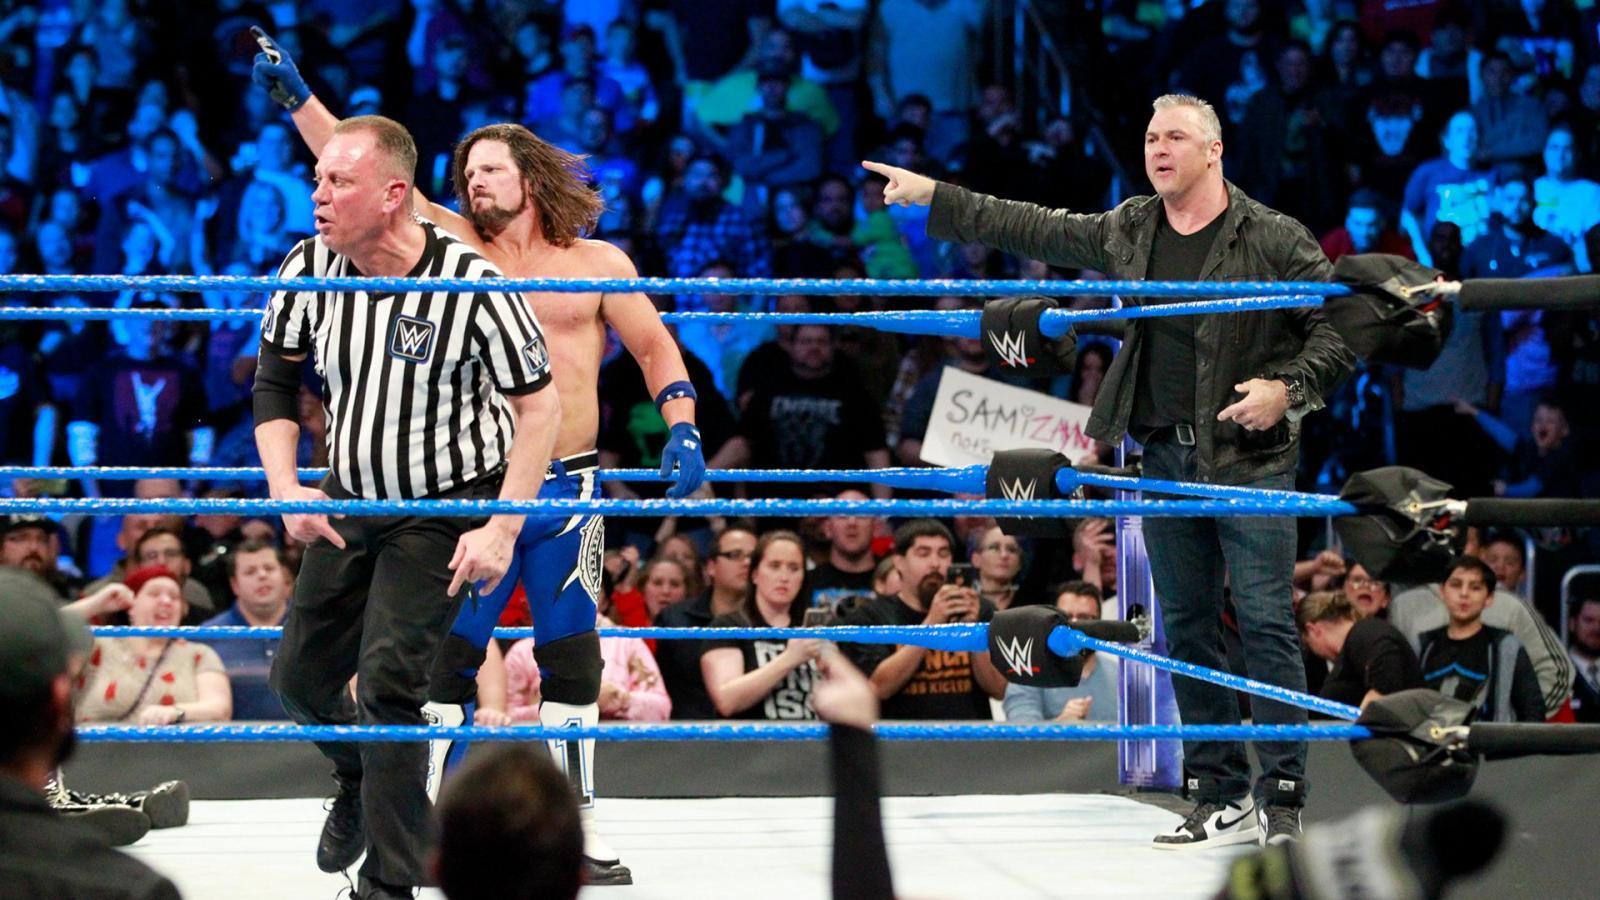 WWE RAW RESULTS 3 जनवरी 2018: ये रहे स्मैकडाउन में हुए सभी मैचो के रिजल्ट्स